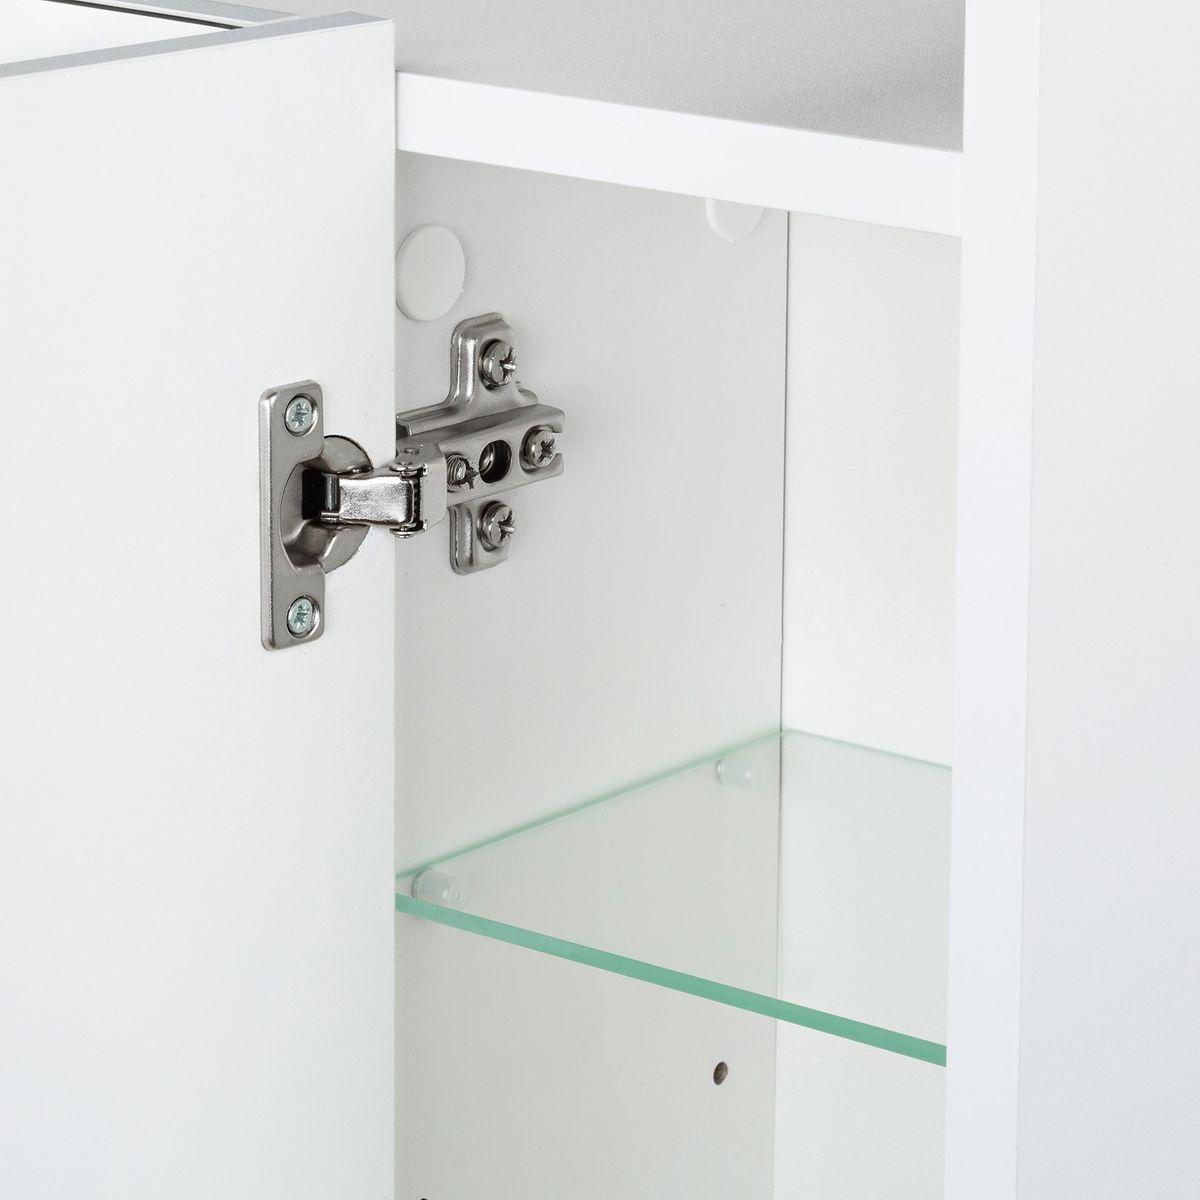 Galdem Spiegelschrank Elegance 70 cm mit Steckdose Weiß – Bild 3